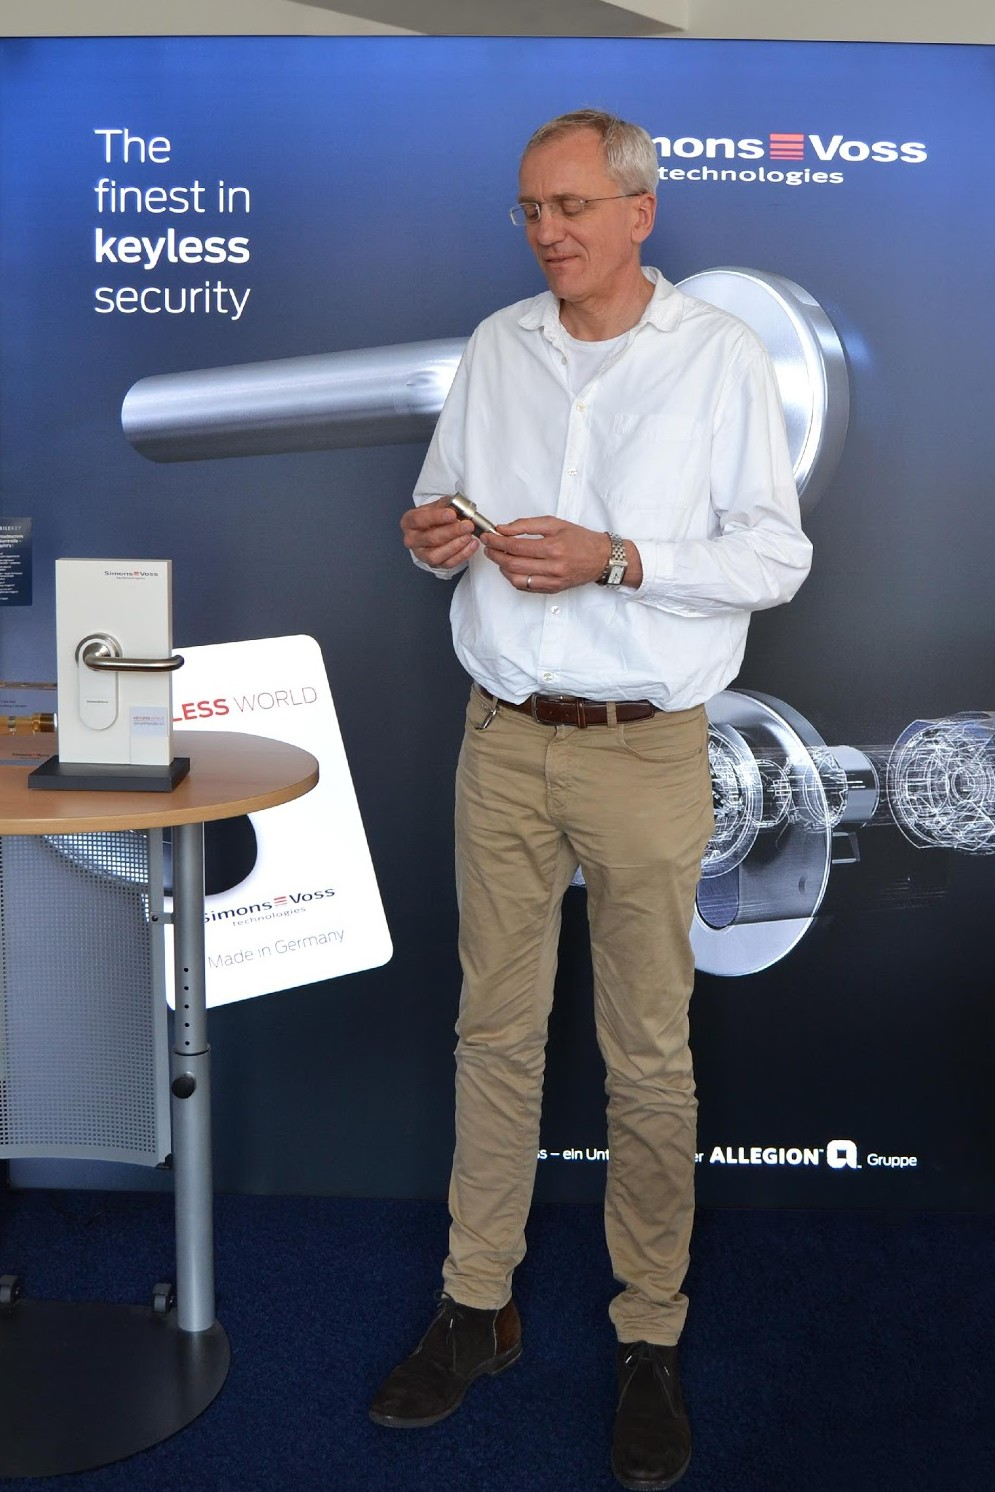 Ludger Voss, Gründer der SimonsVoss GmbH